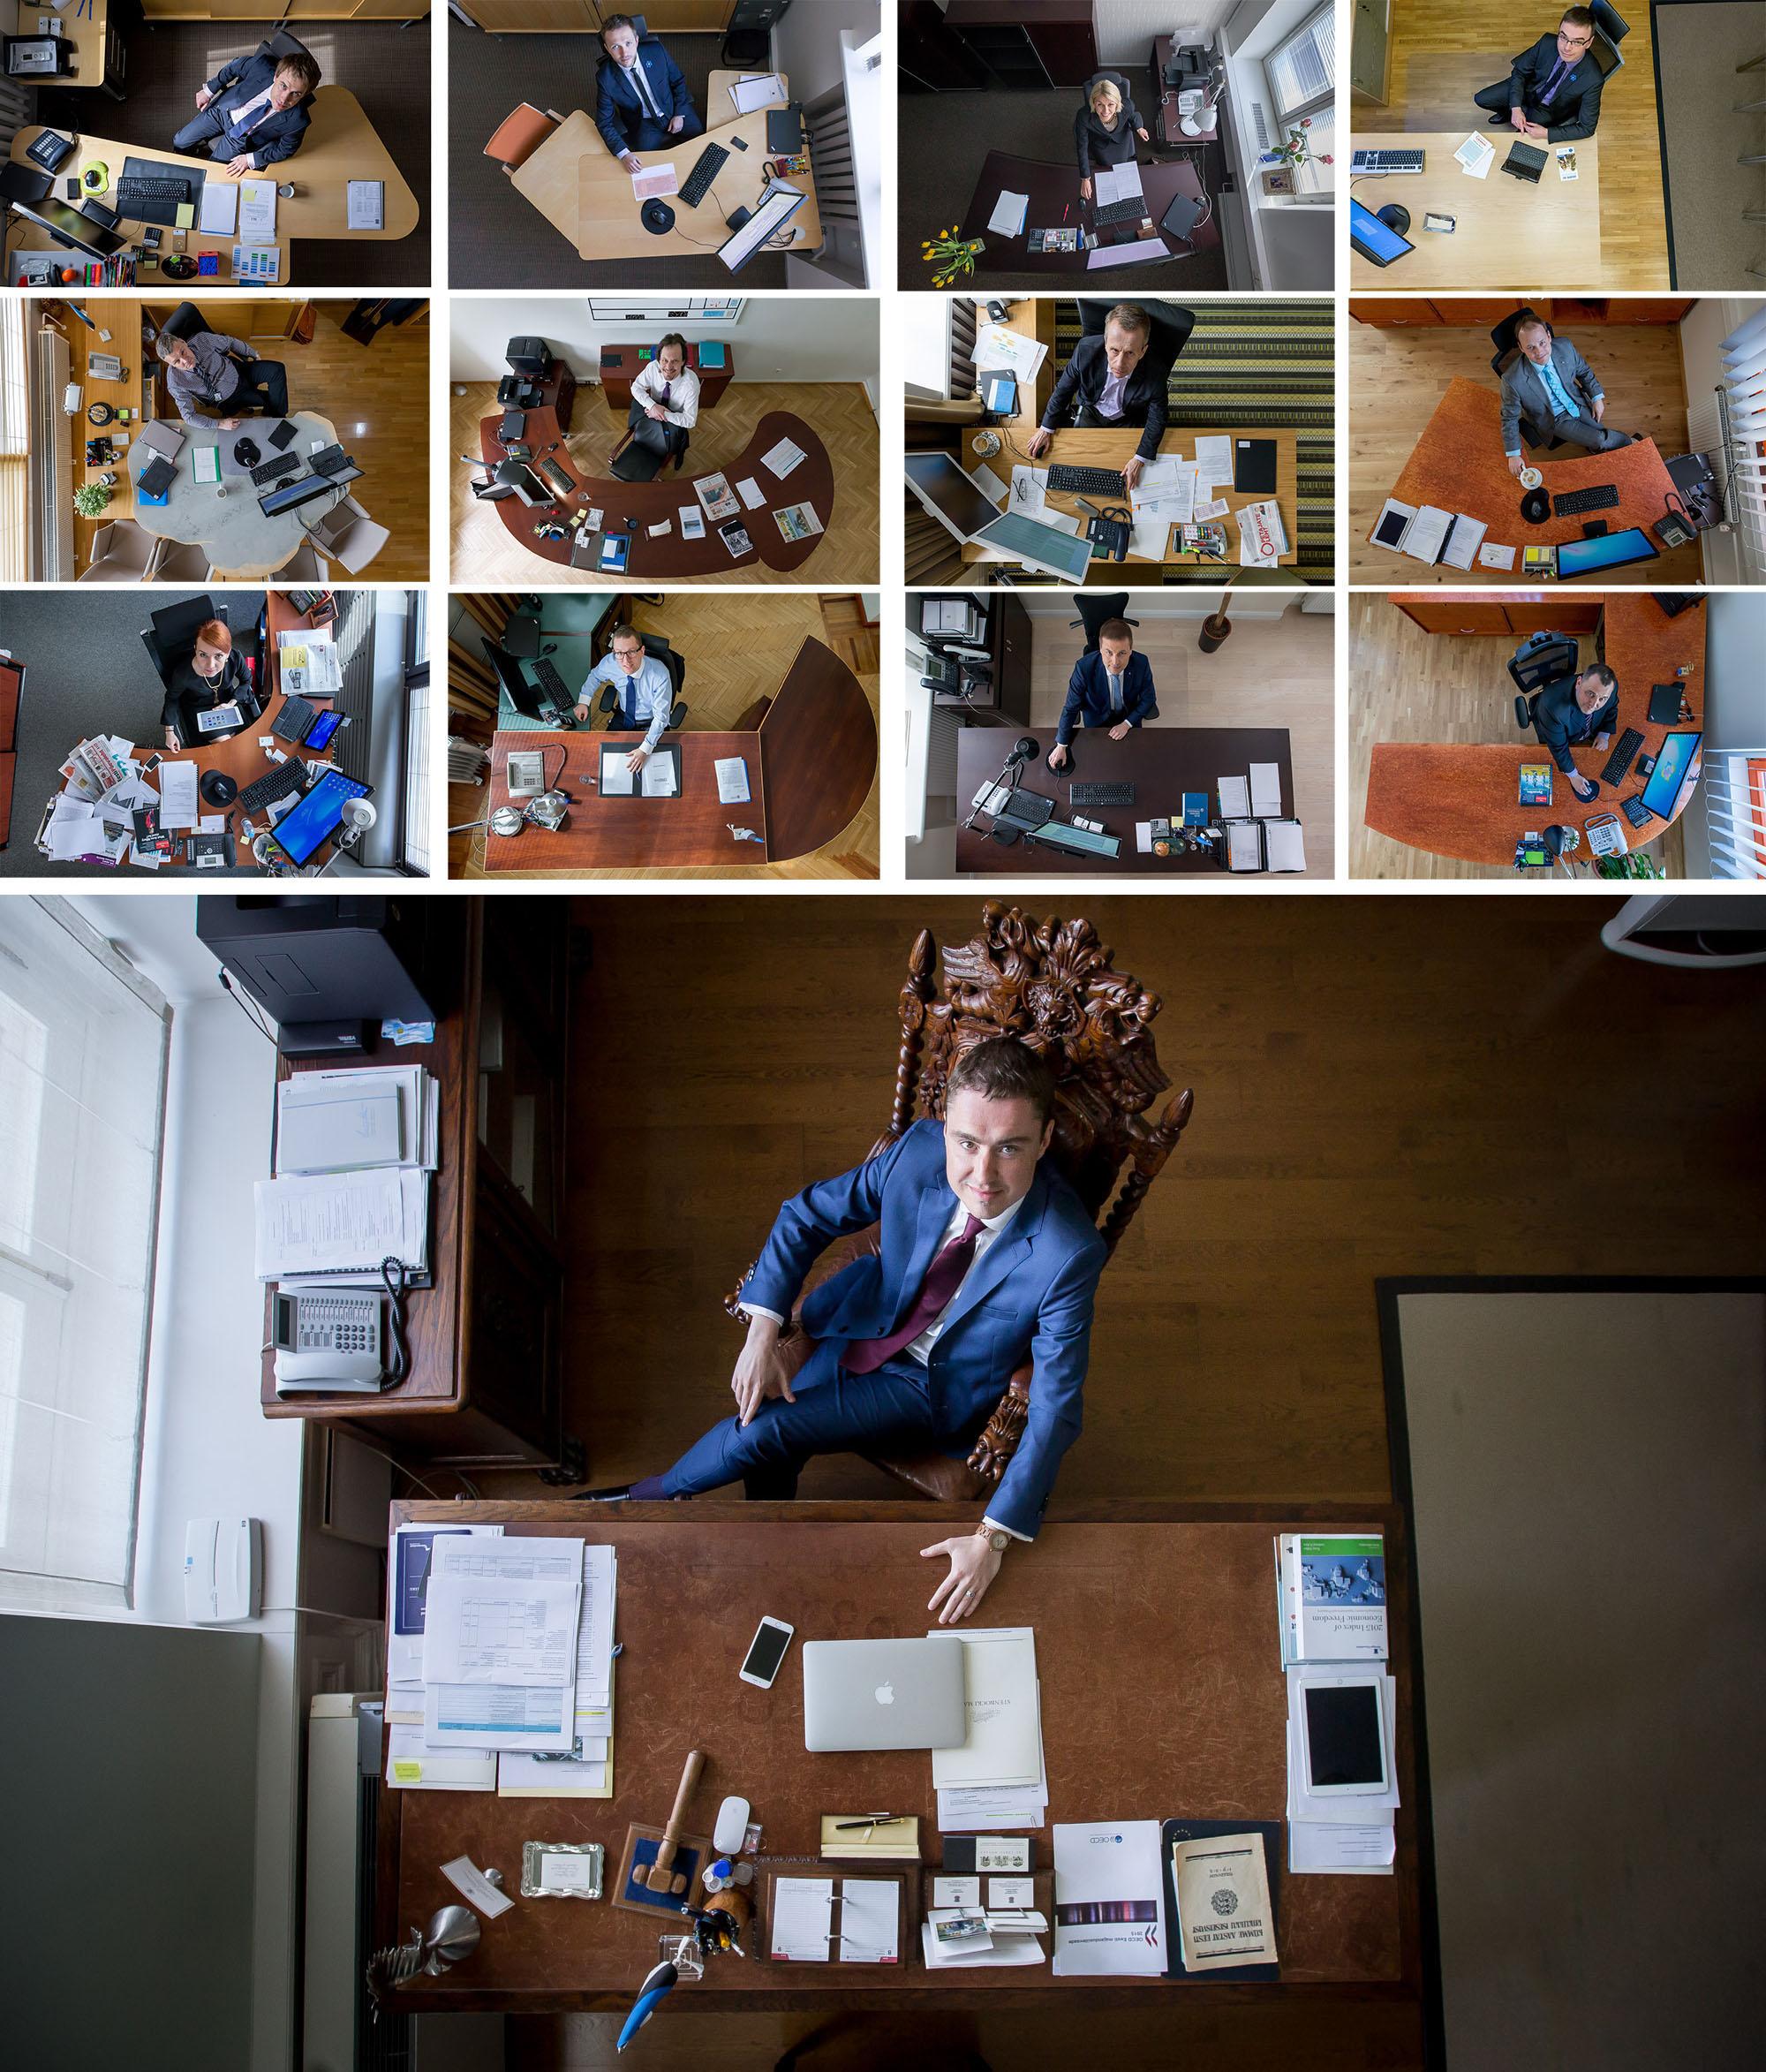 Täna avalikustati Tallinnas aasta pressifoto võitjad. Portreede kategoorias tunnistati parimaks Sander Ilvest Postimehest. Auhinna vääriliseks tunnistati Ilvesti seeria värskelt ametisse saanud ministritest nende töölaua taga. Sander Ilvesti pressifotograafikarjäär sai alguse […]